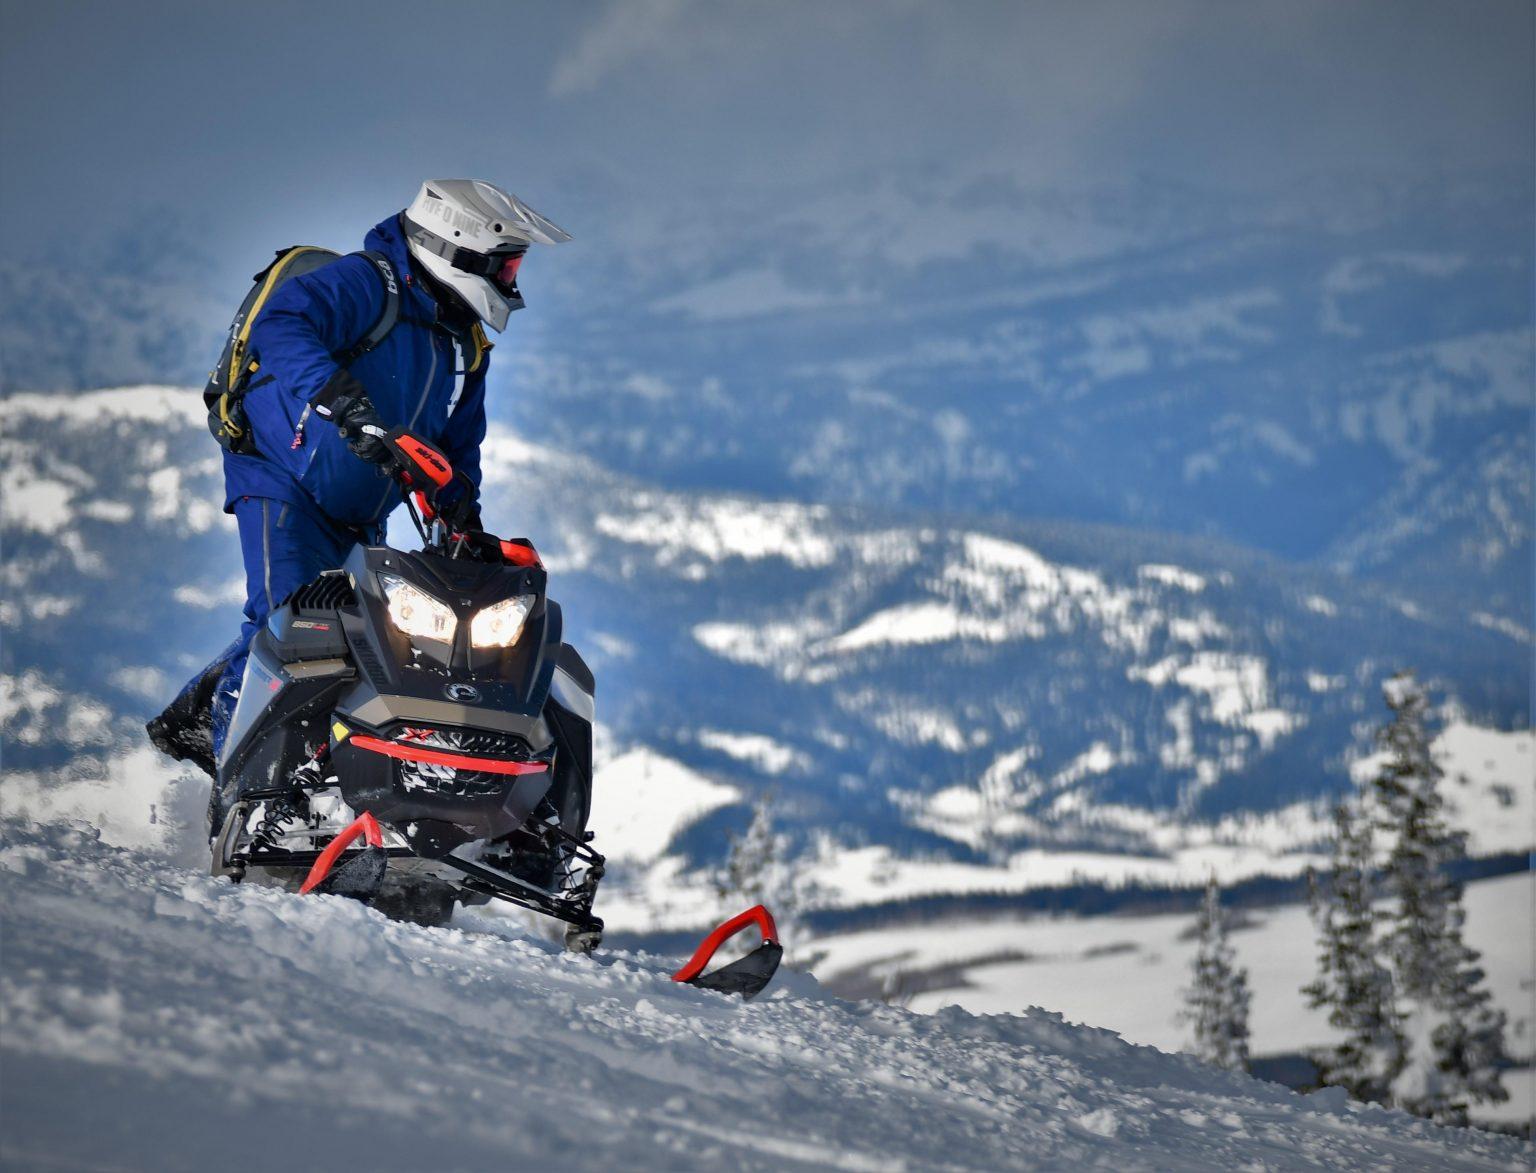 Ski-Doo montagne 2022 - Un segment populaire et attendu des amateurs de liberté